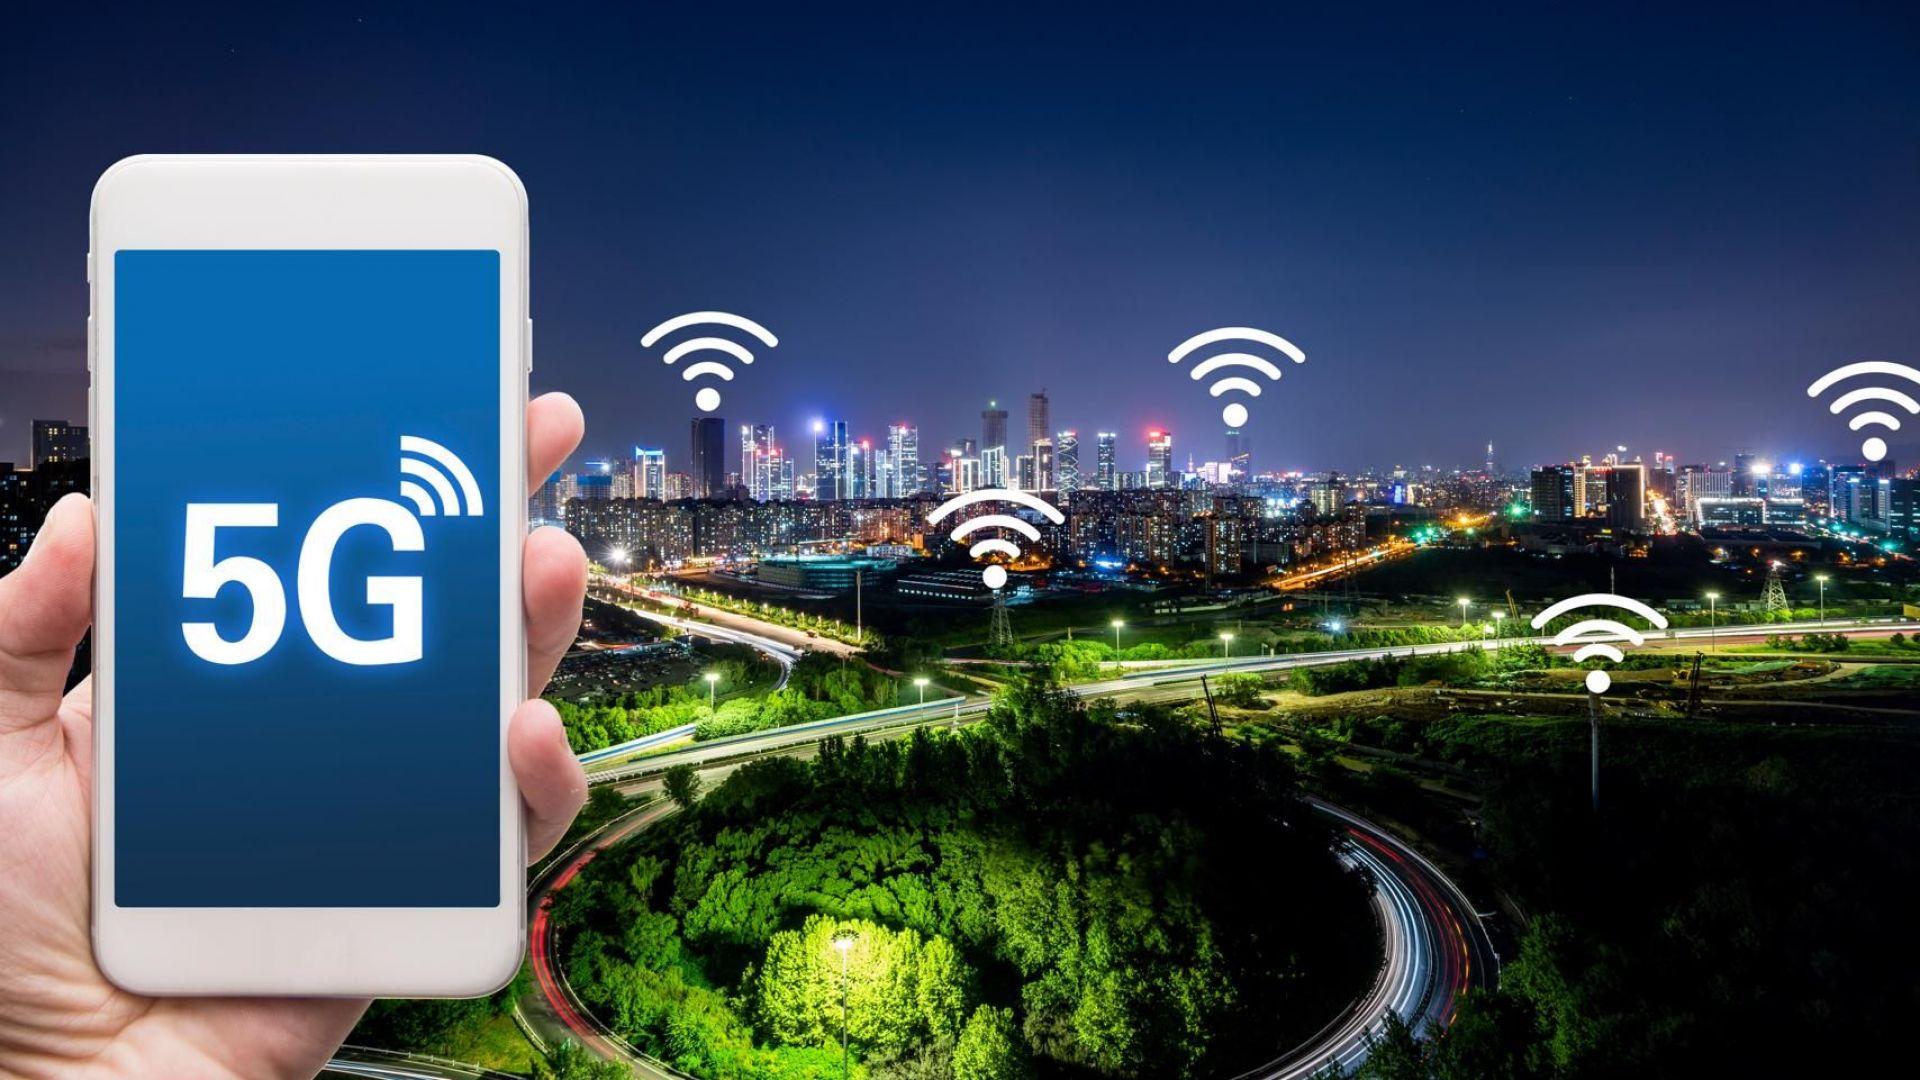 В САЩ смятат Apple за лидер в 5G, въпреки че компанията няма 5G продукти